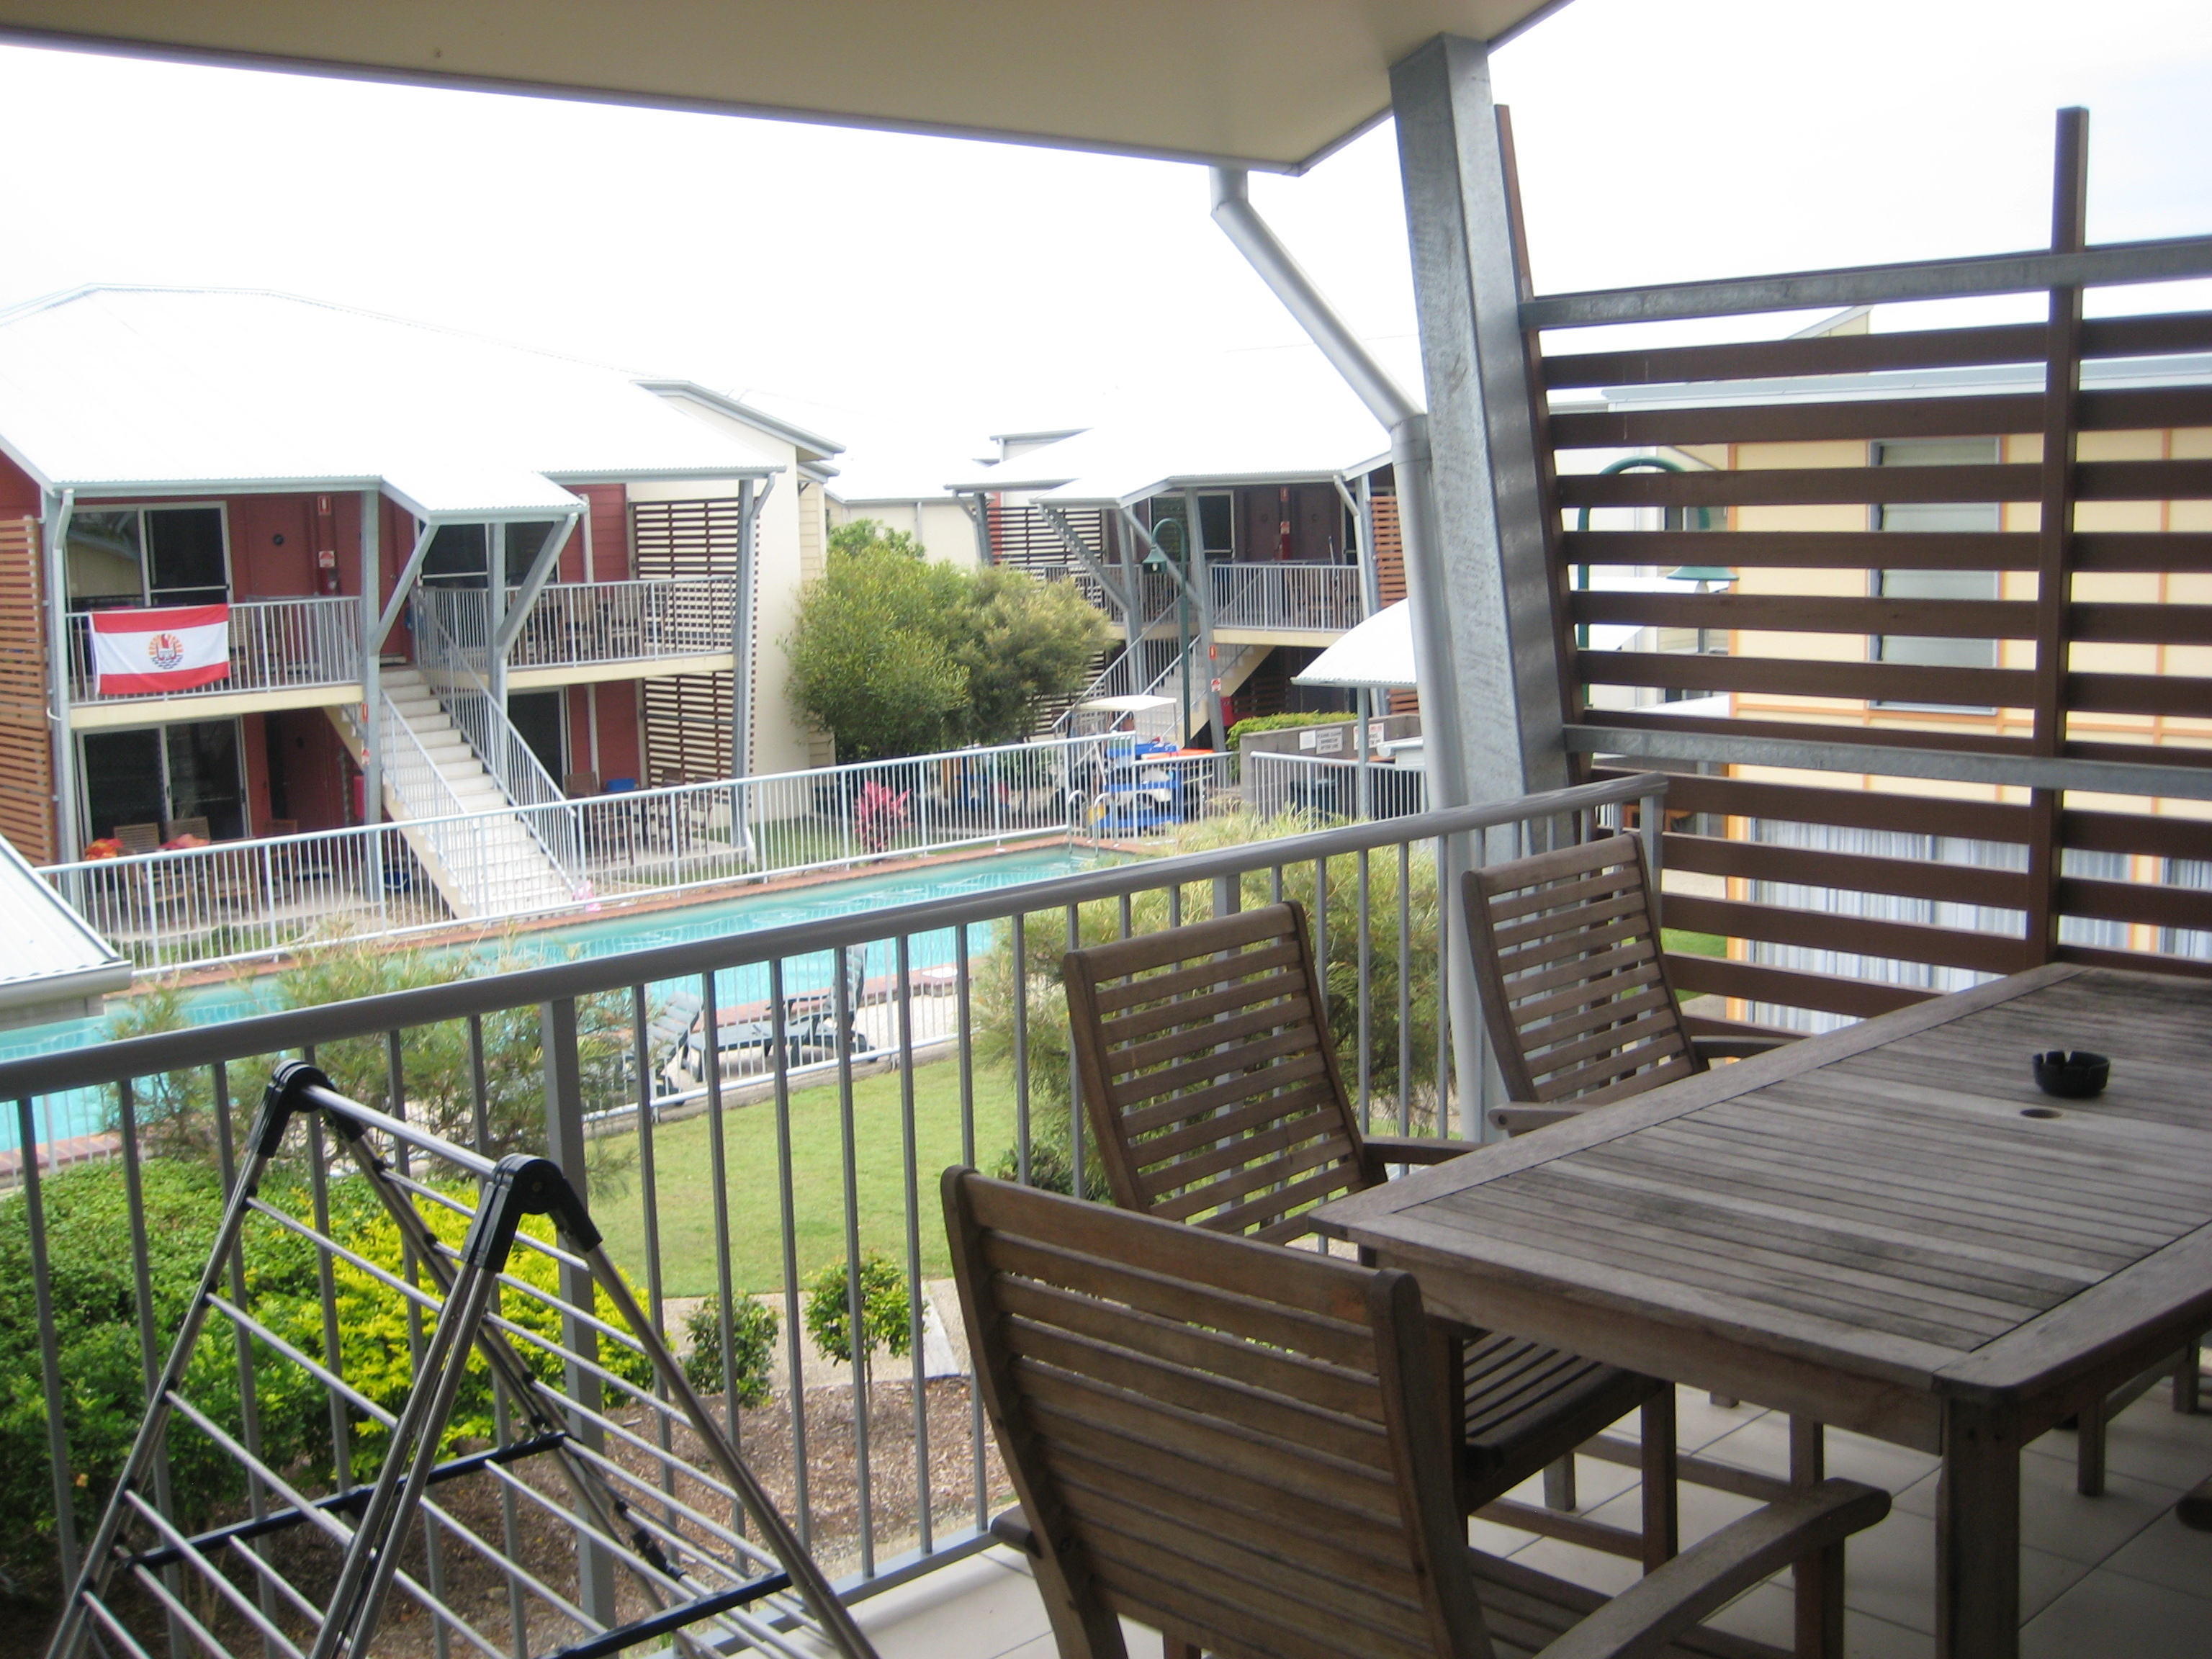 USC residence